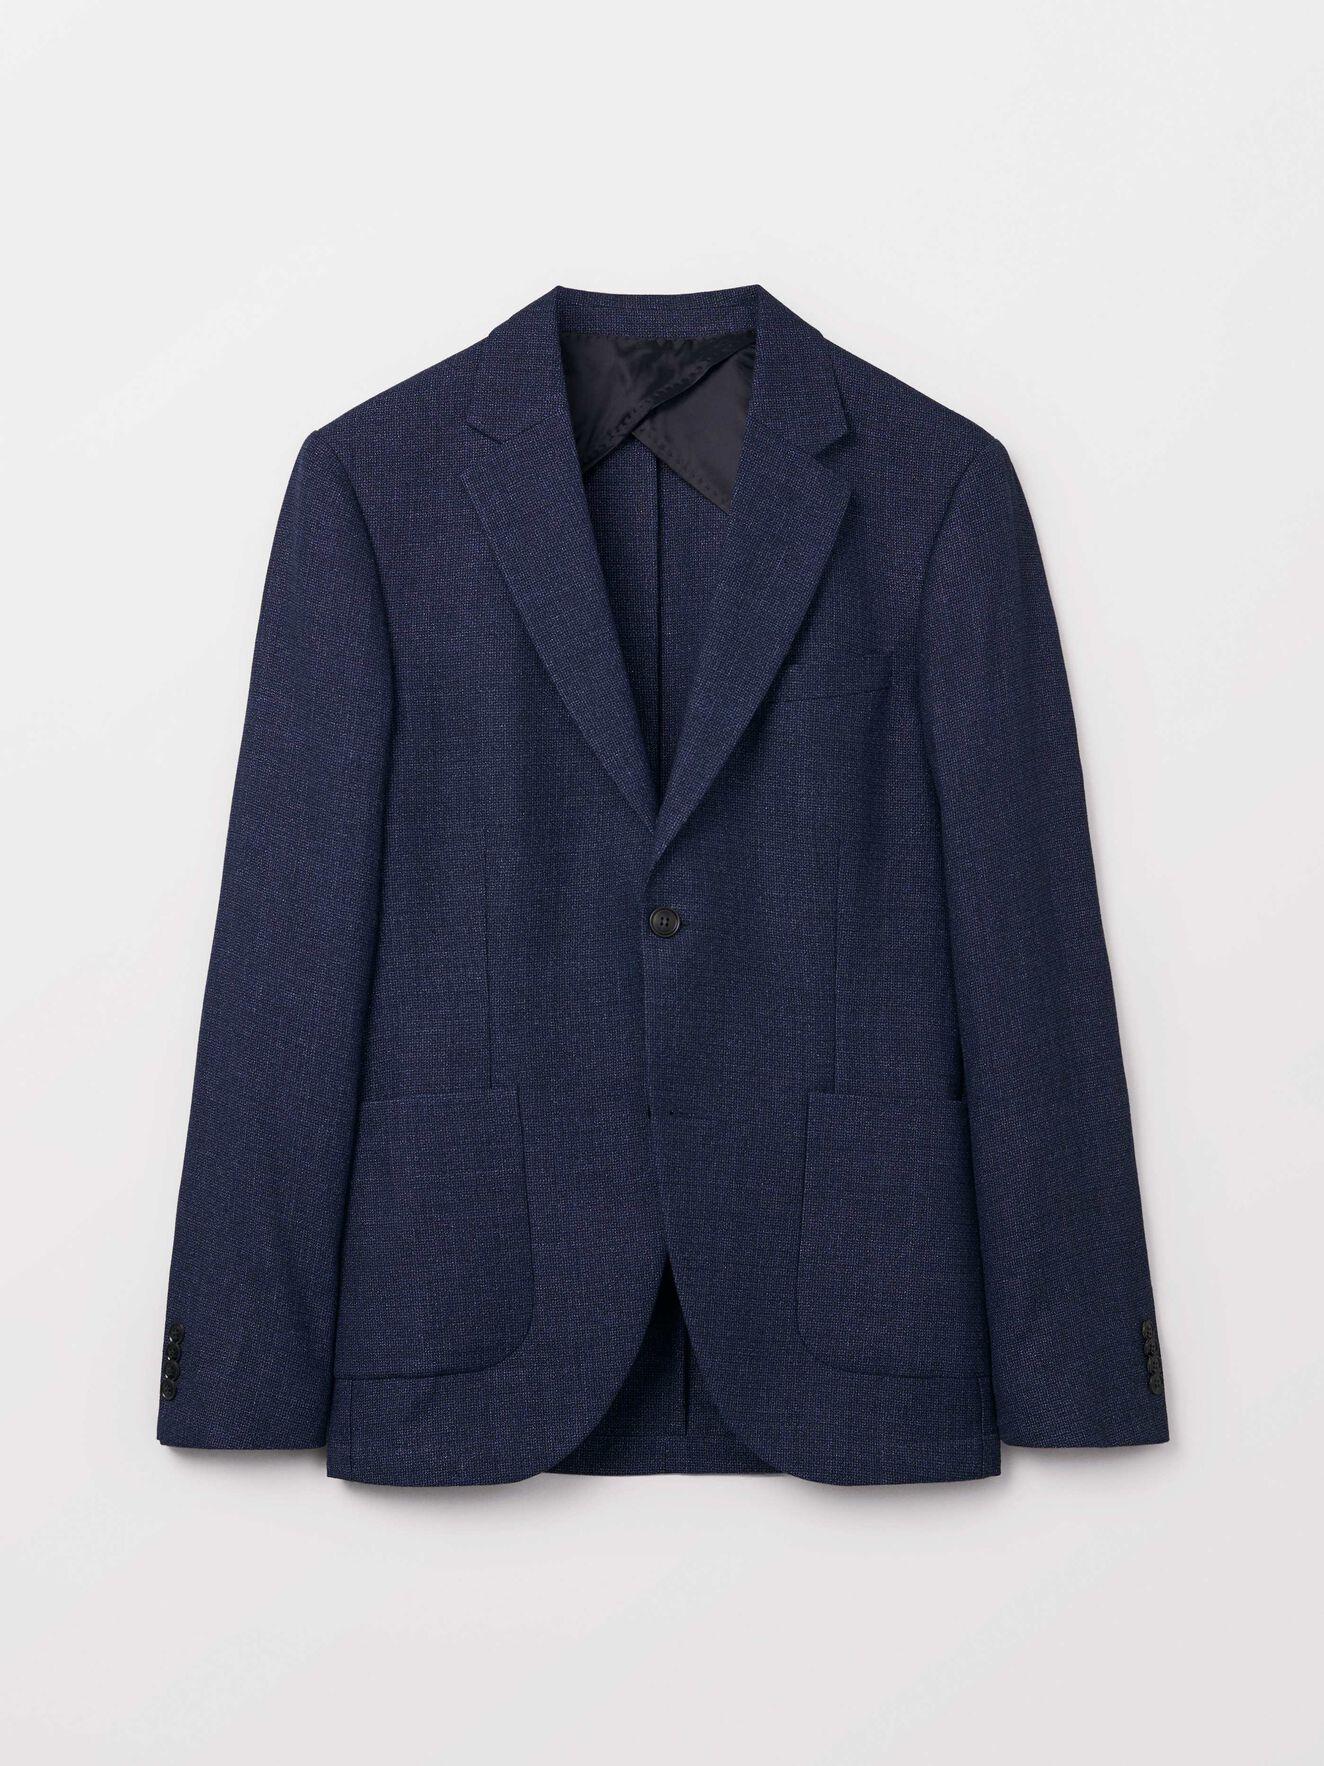 Jamot Hl Blazer in Soft blue from Tiger of Sweden